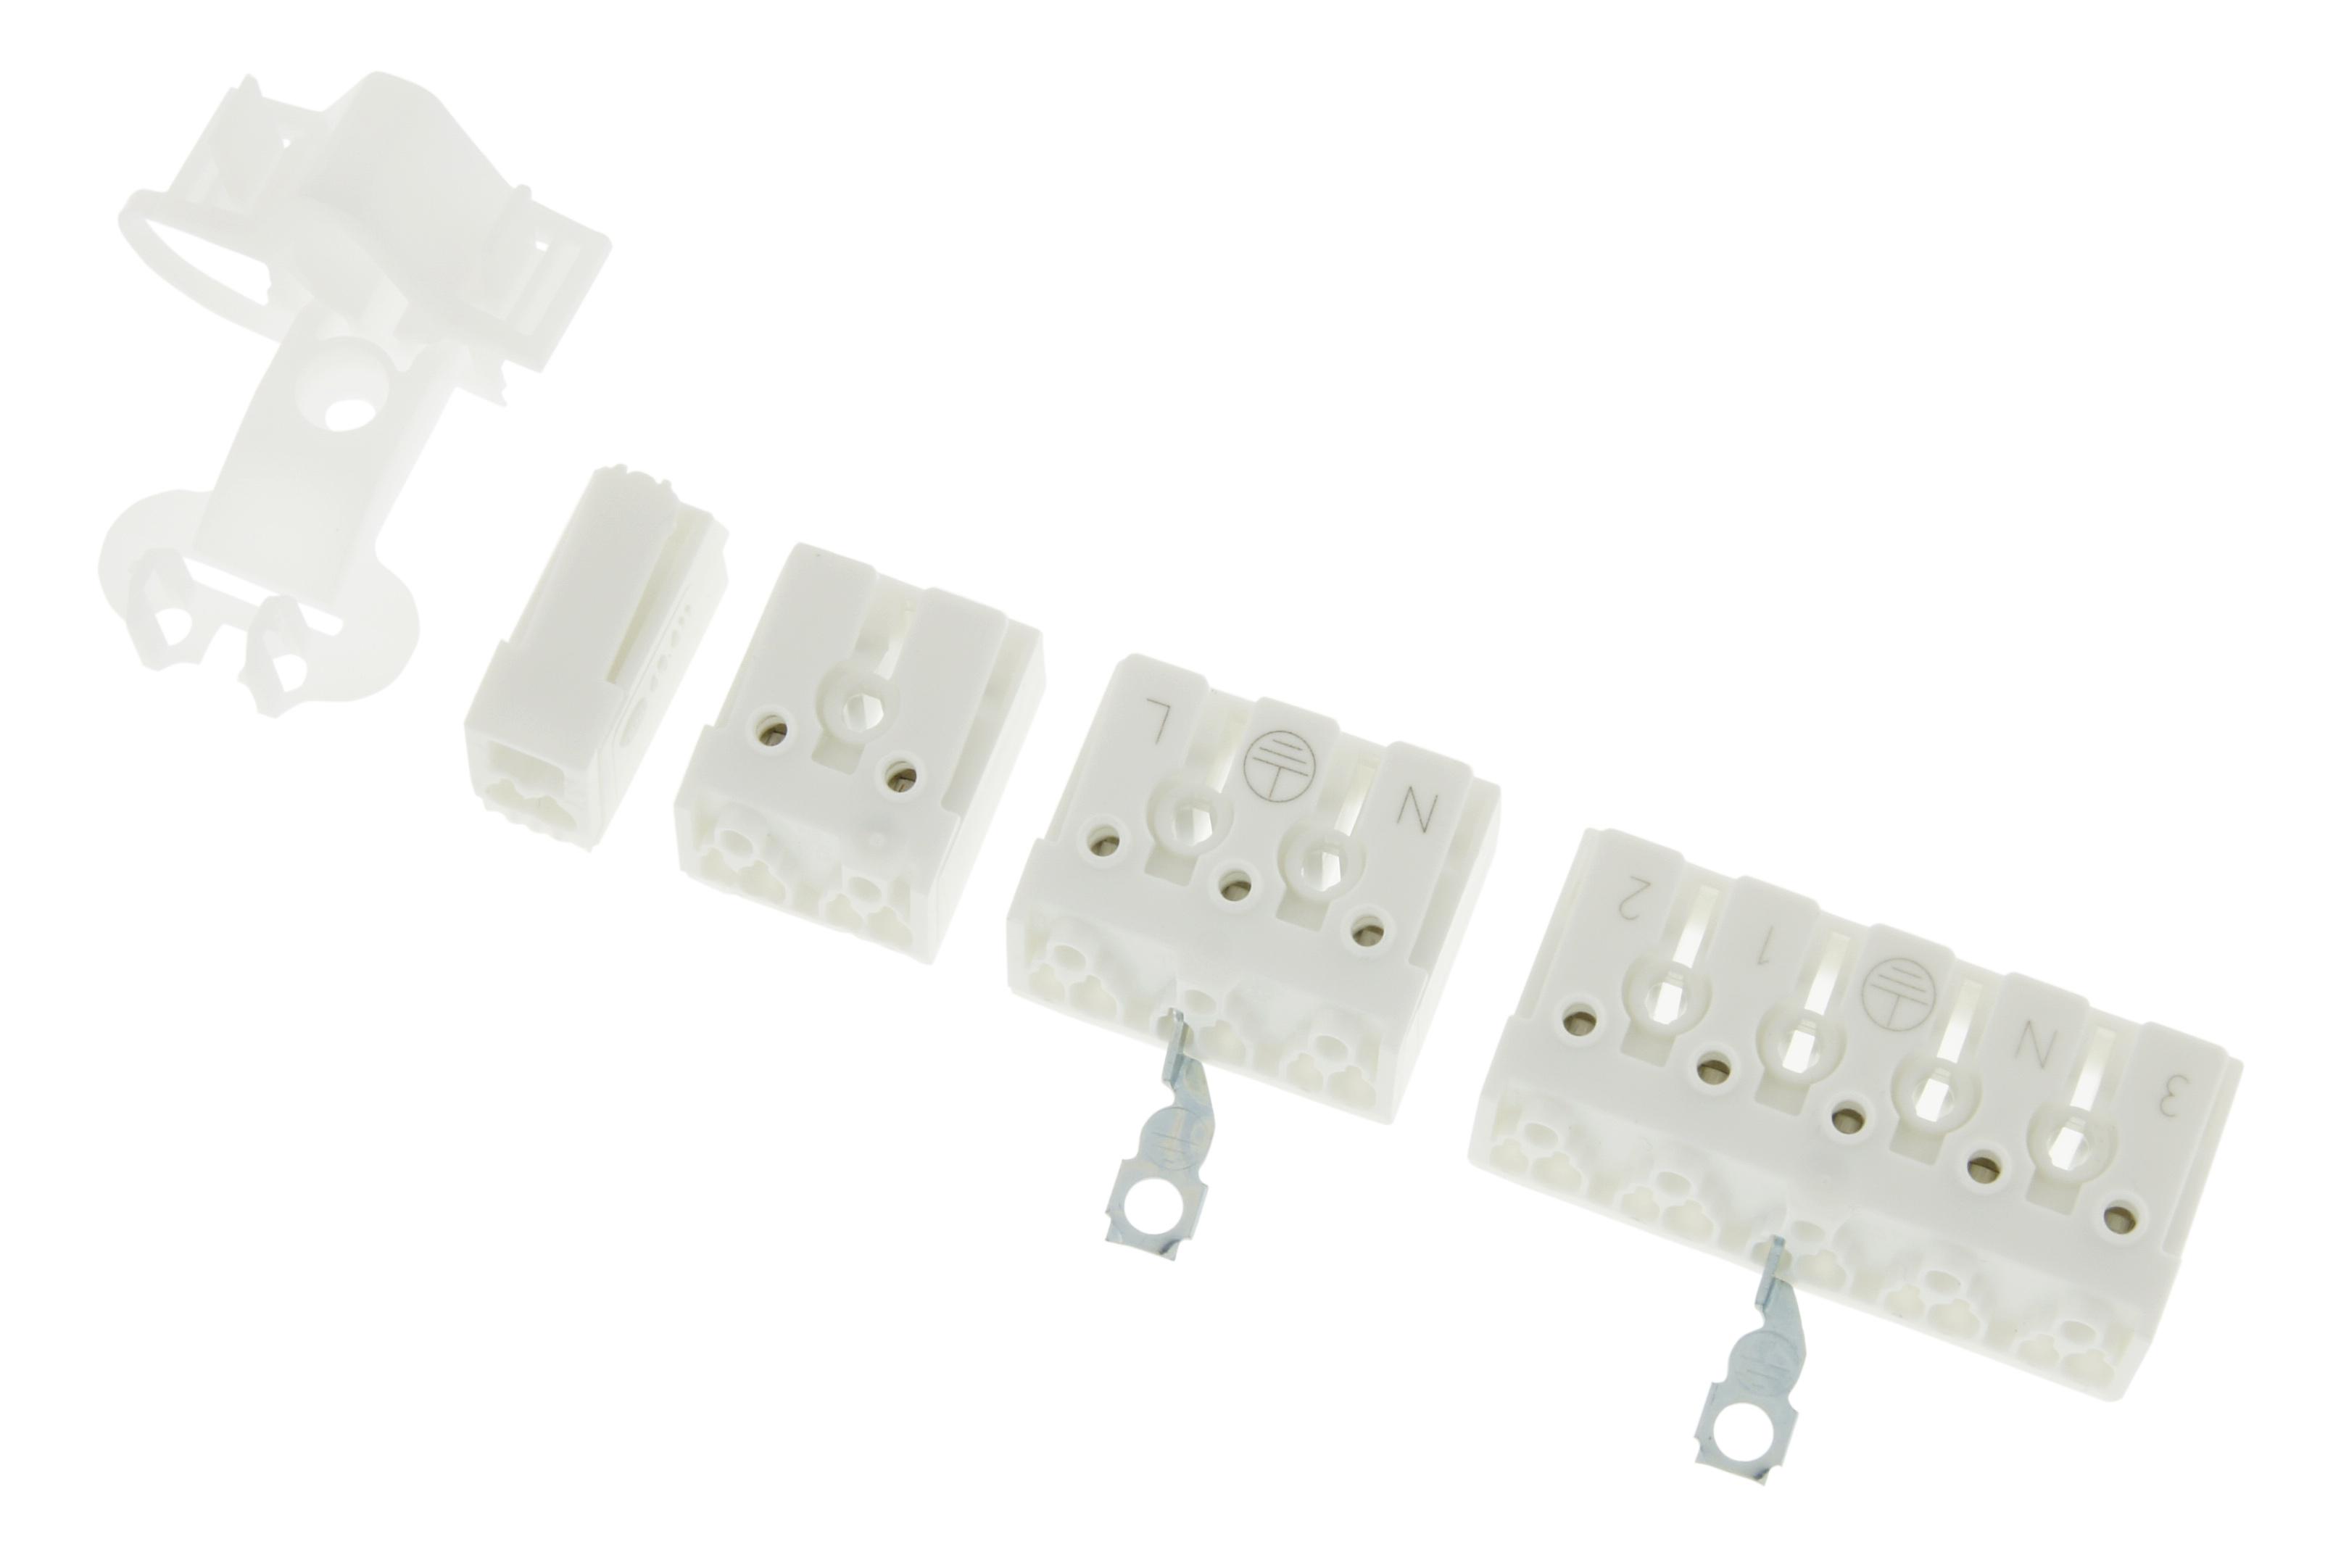 1 Stk Zugentlastung für 3 und 5 polige Leuchtenklemmen LIZU016000